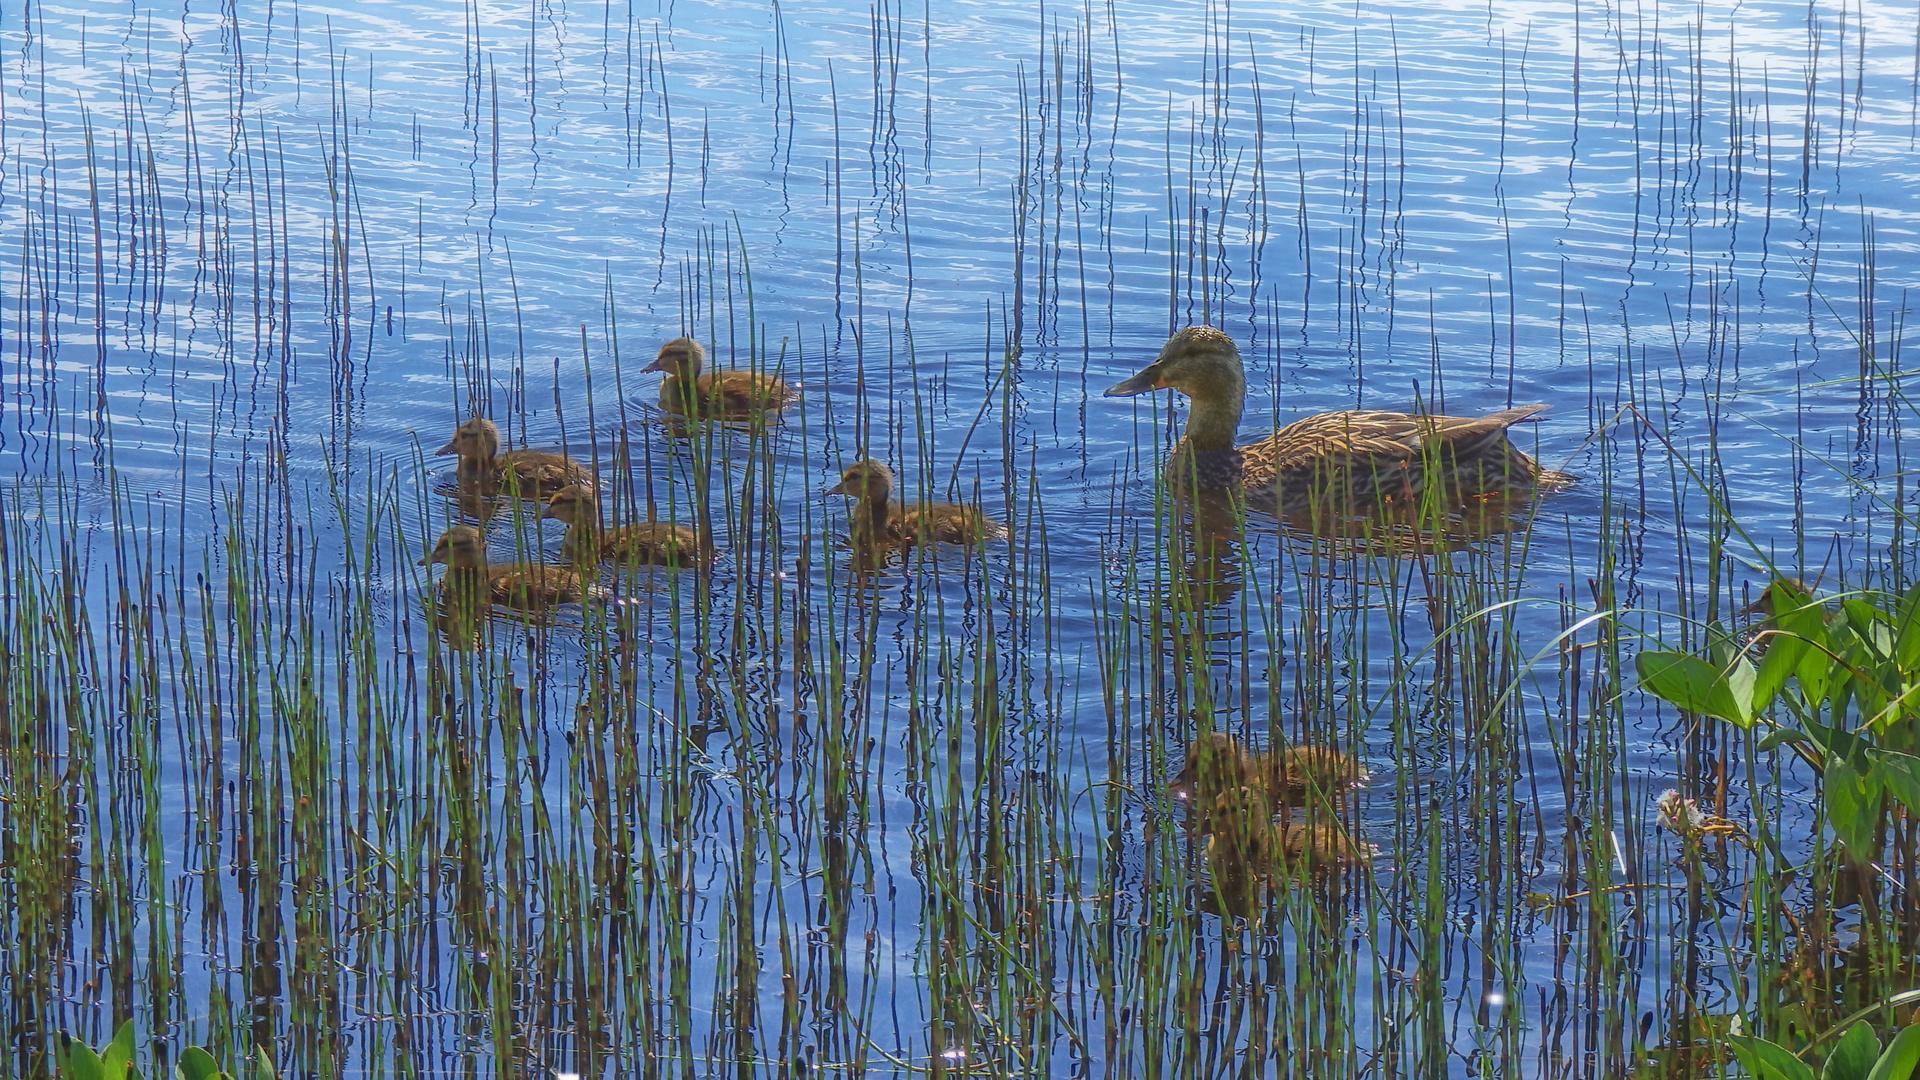 картинки озеро и камыши с утками дьявольские возлюбленные райто